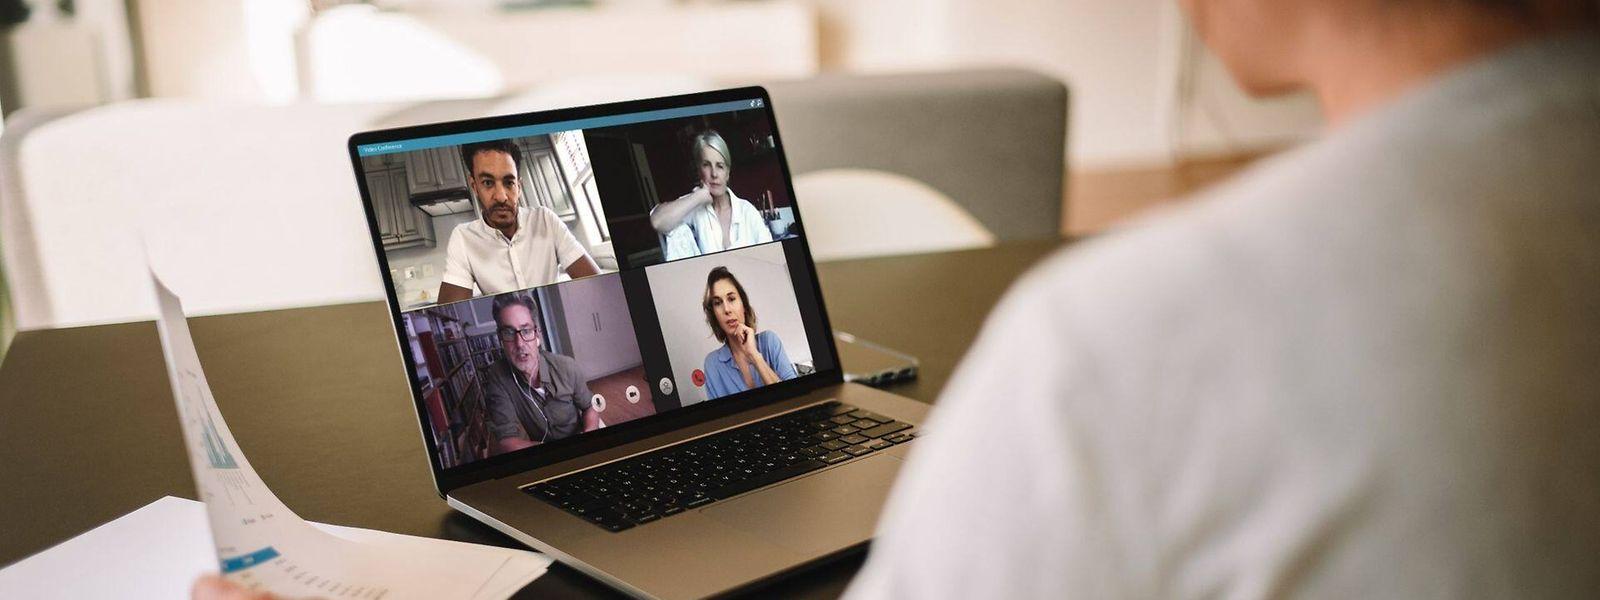 A défaut de pouvoir retrouver ses collègues, les entreprises sont de plus en plus nombreuses à proposer des «coffee breaks» virtuels.